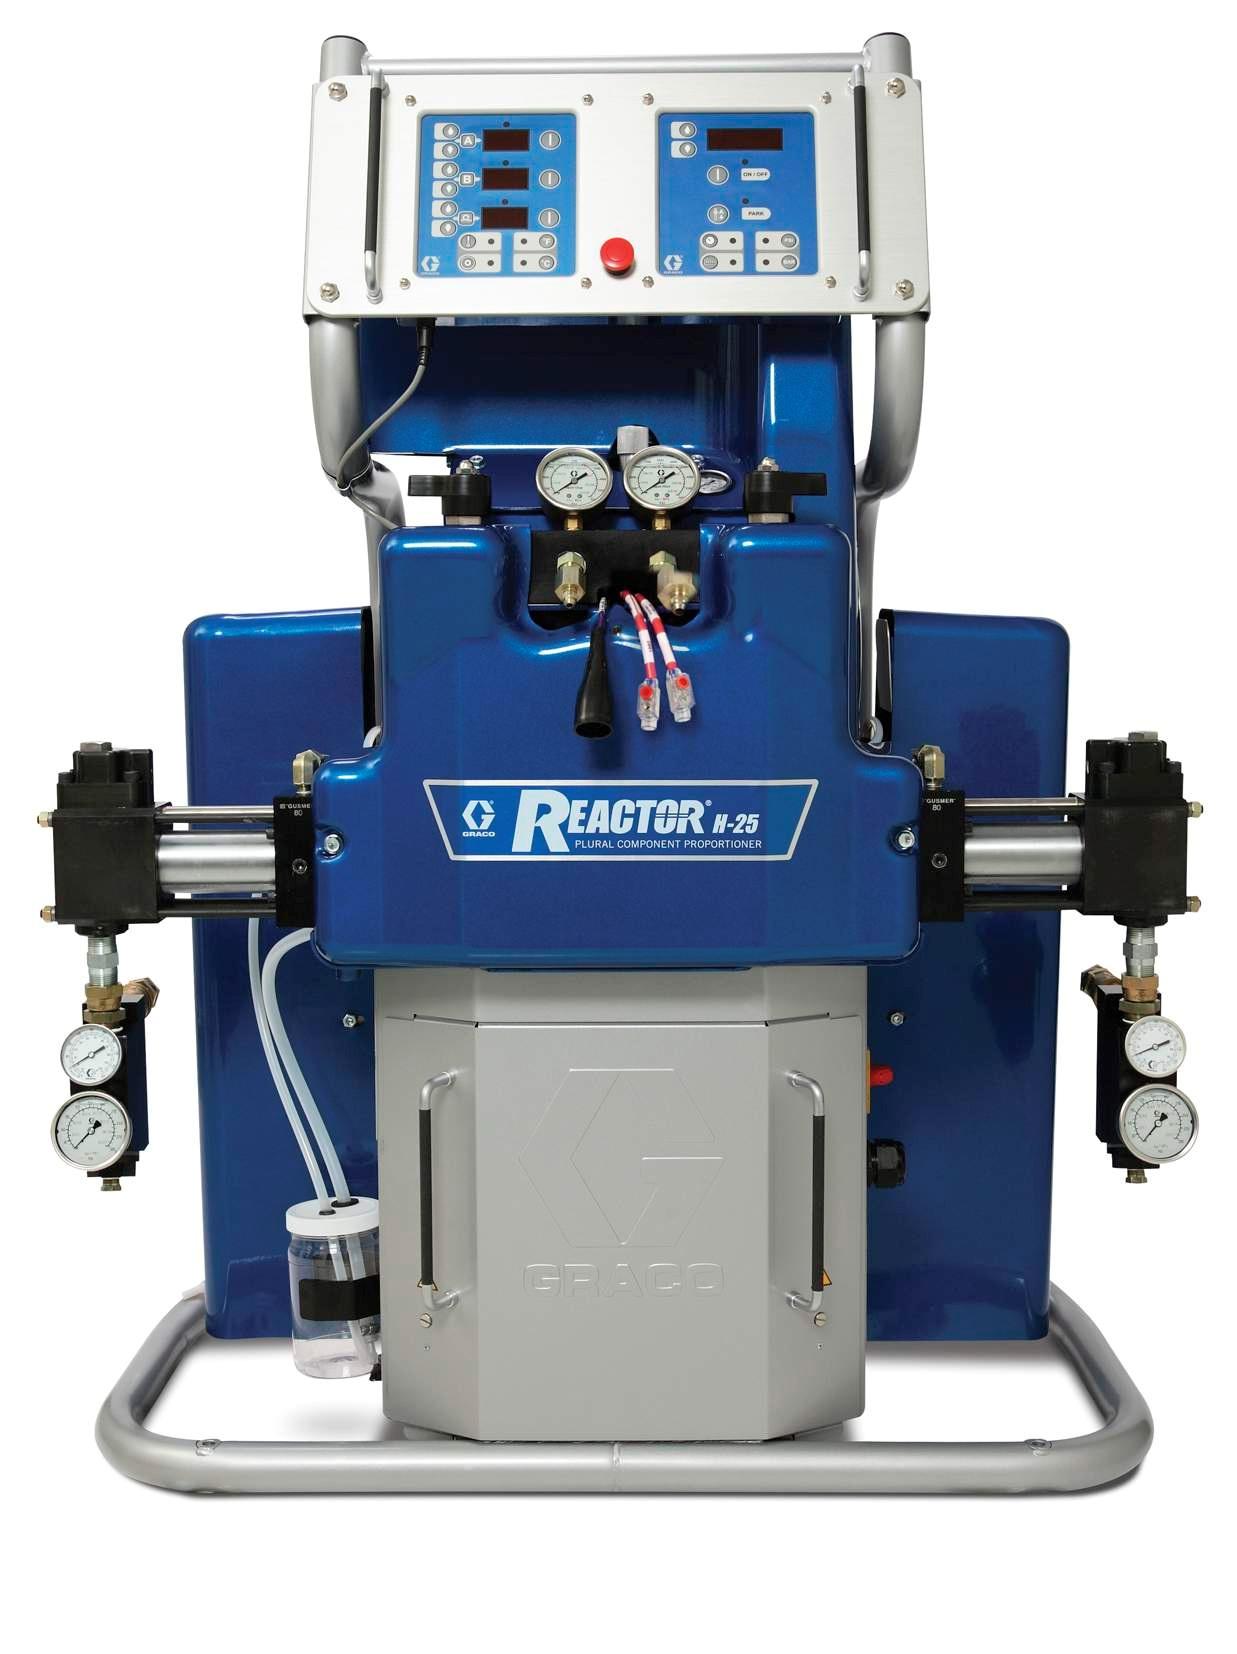 Graco Reactor Н-XP2 - оборудование для переработки составов на основе гибридов и полимочевины